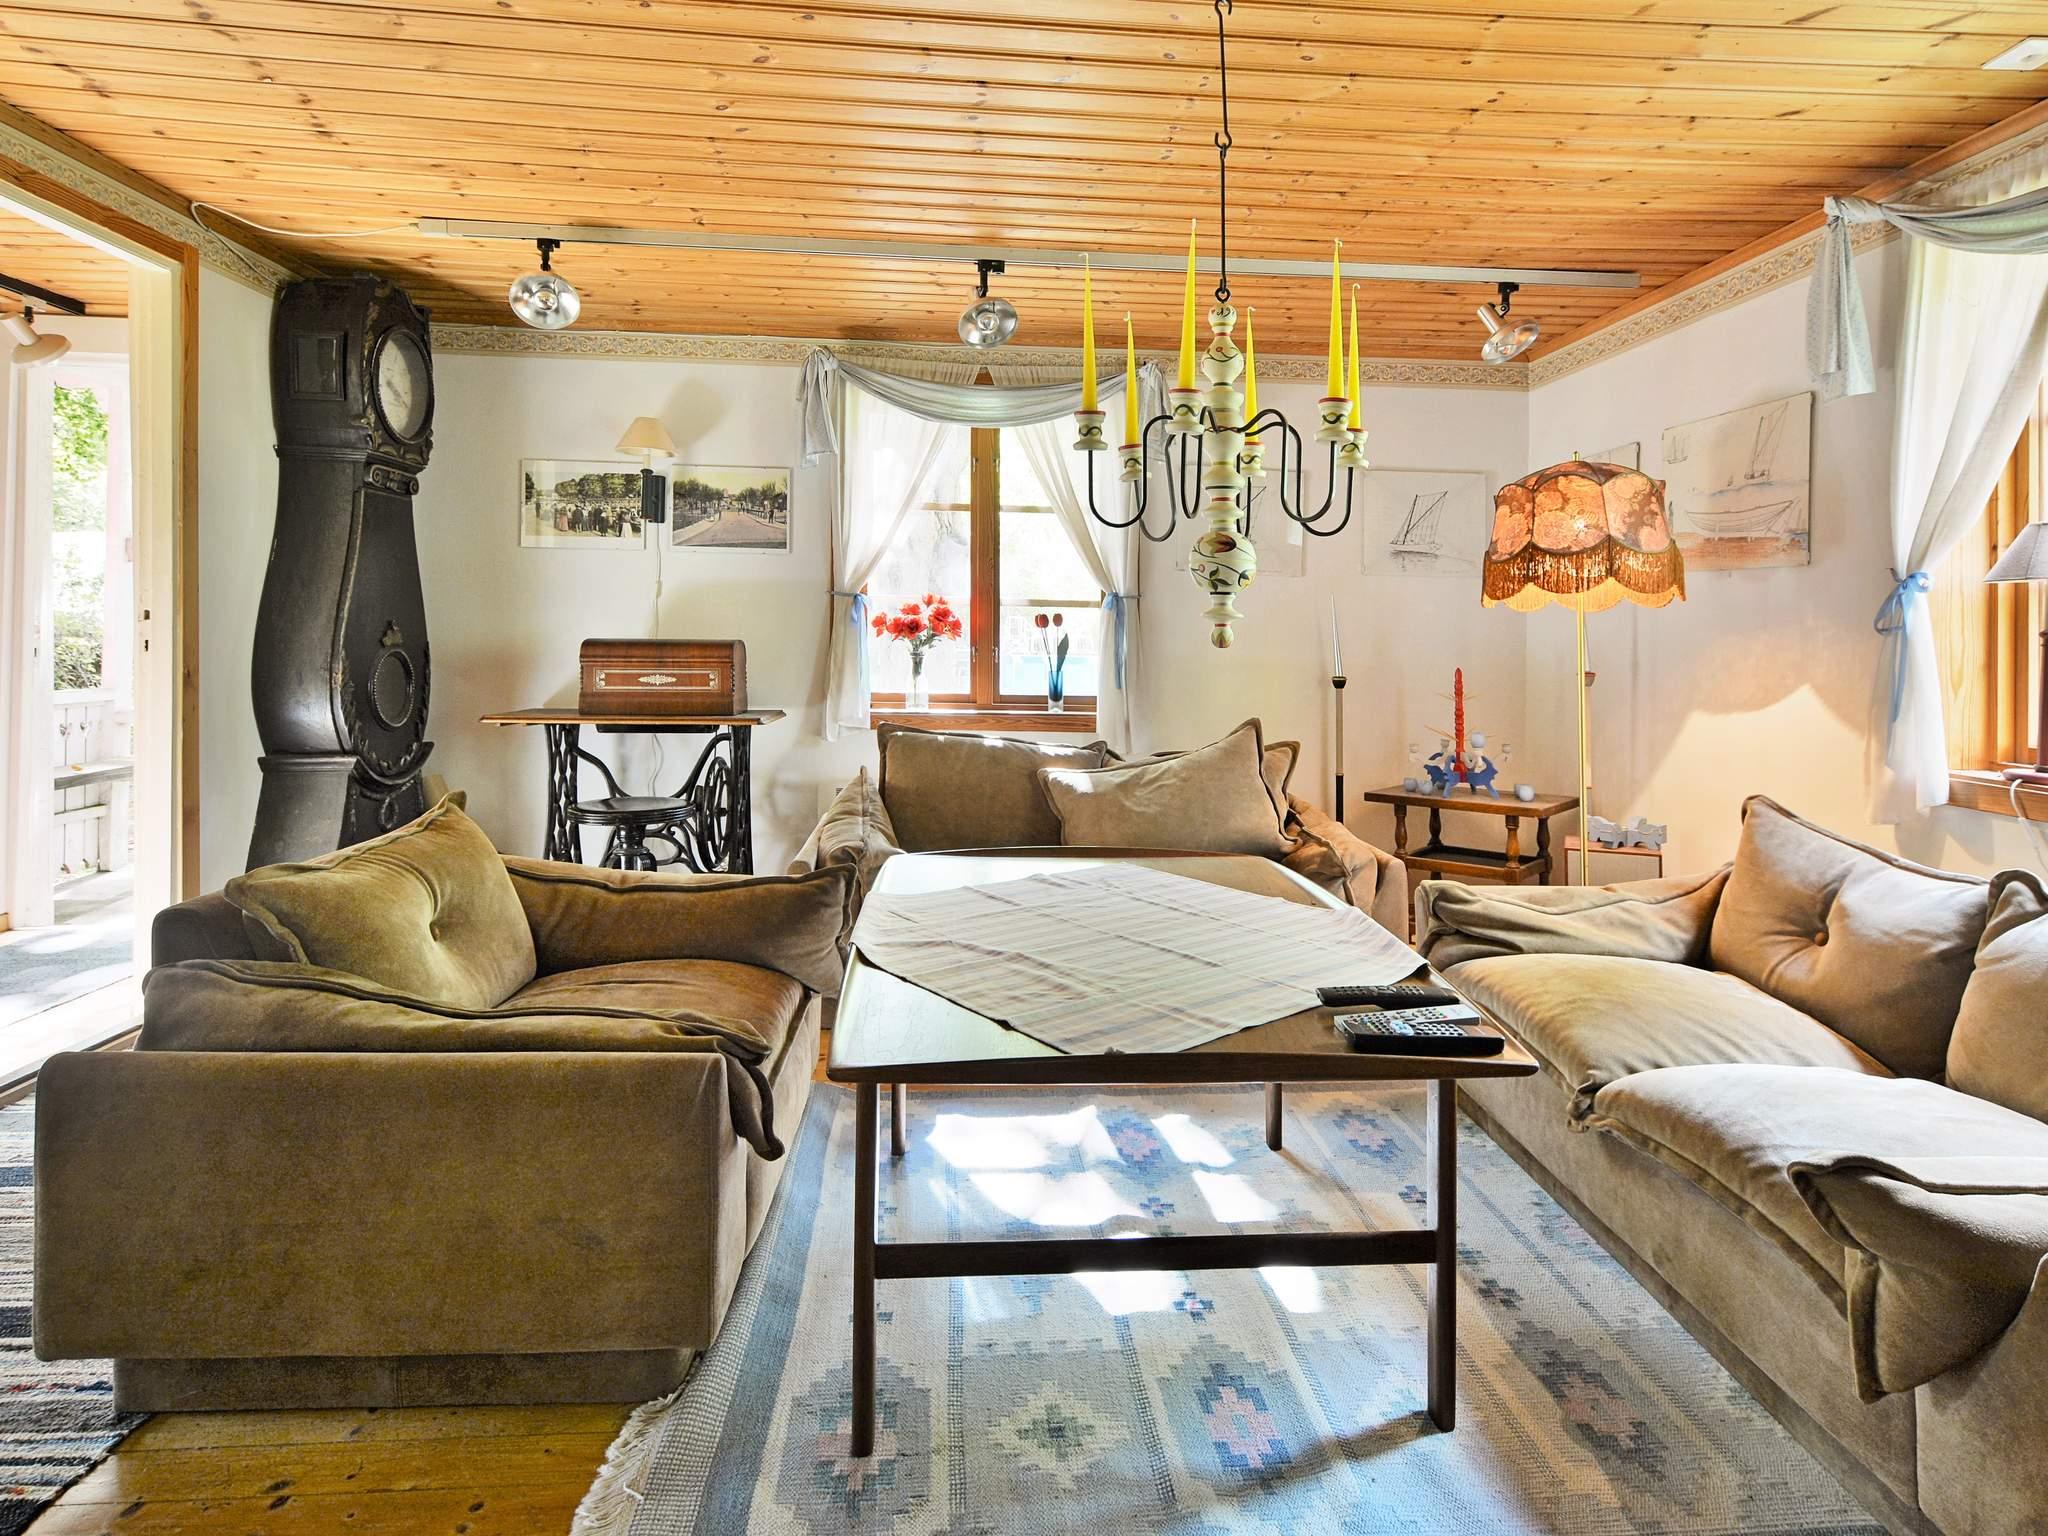 Ferienhaus Belganet (167568), Hallabro, Blekinge län, Südschweden, Schweden, Bild 2